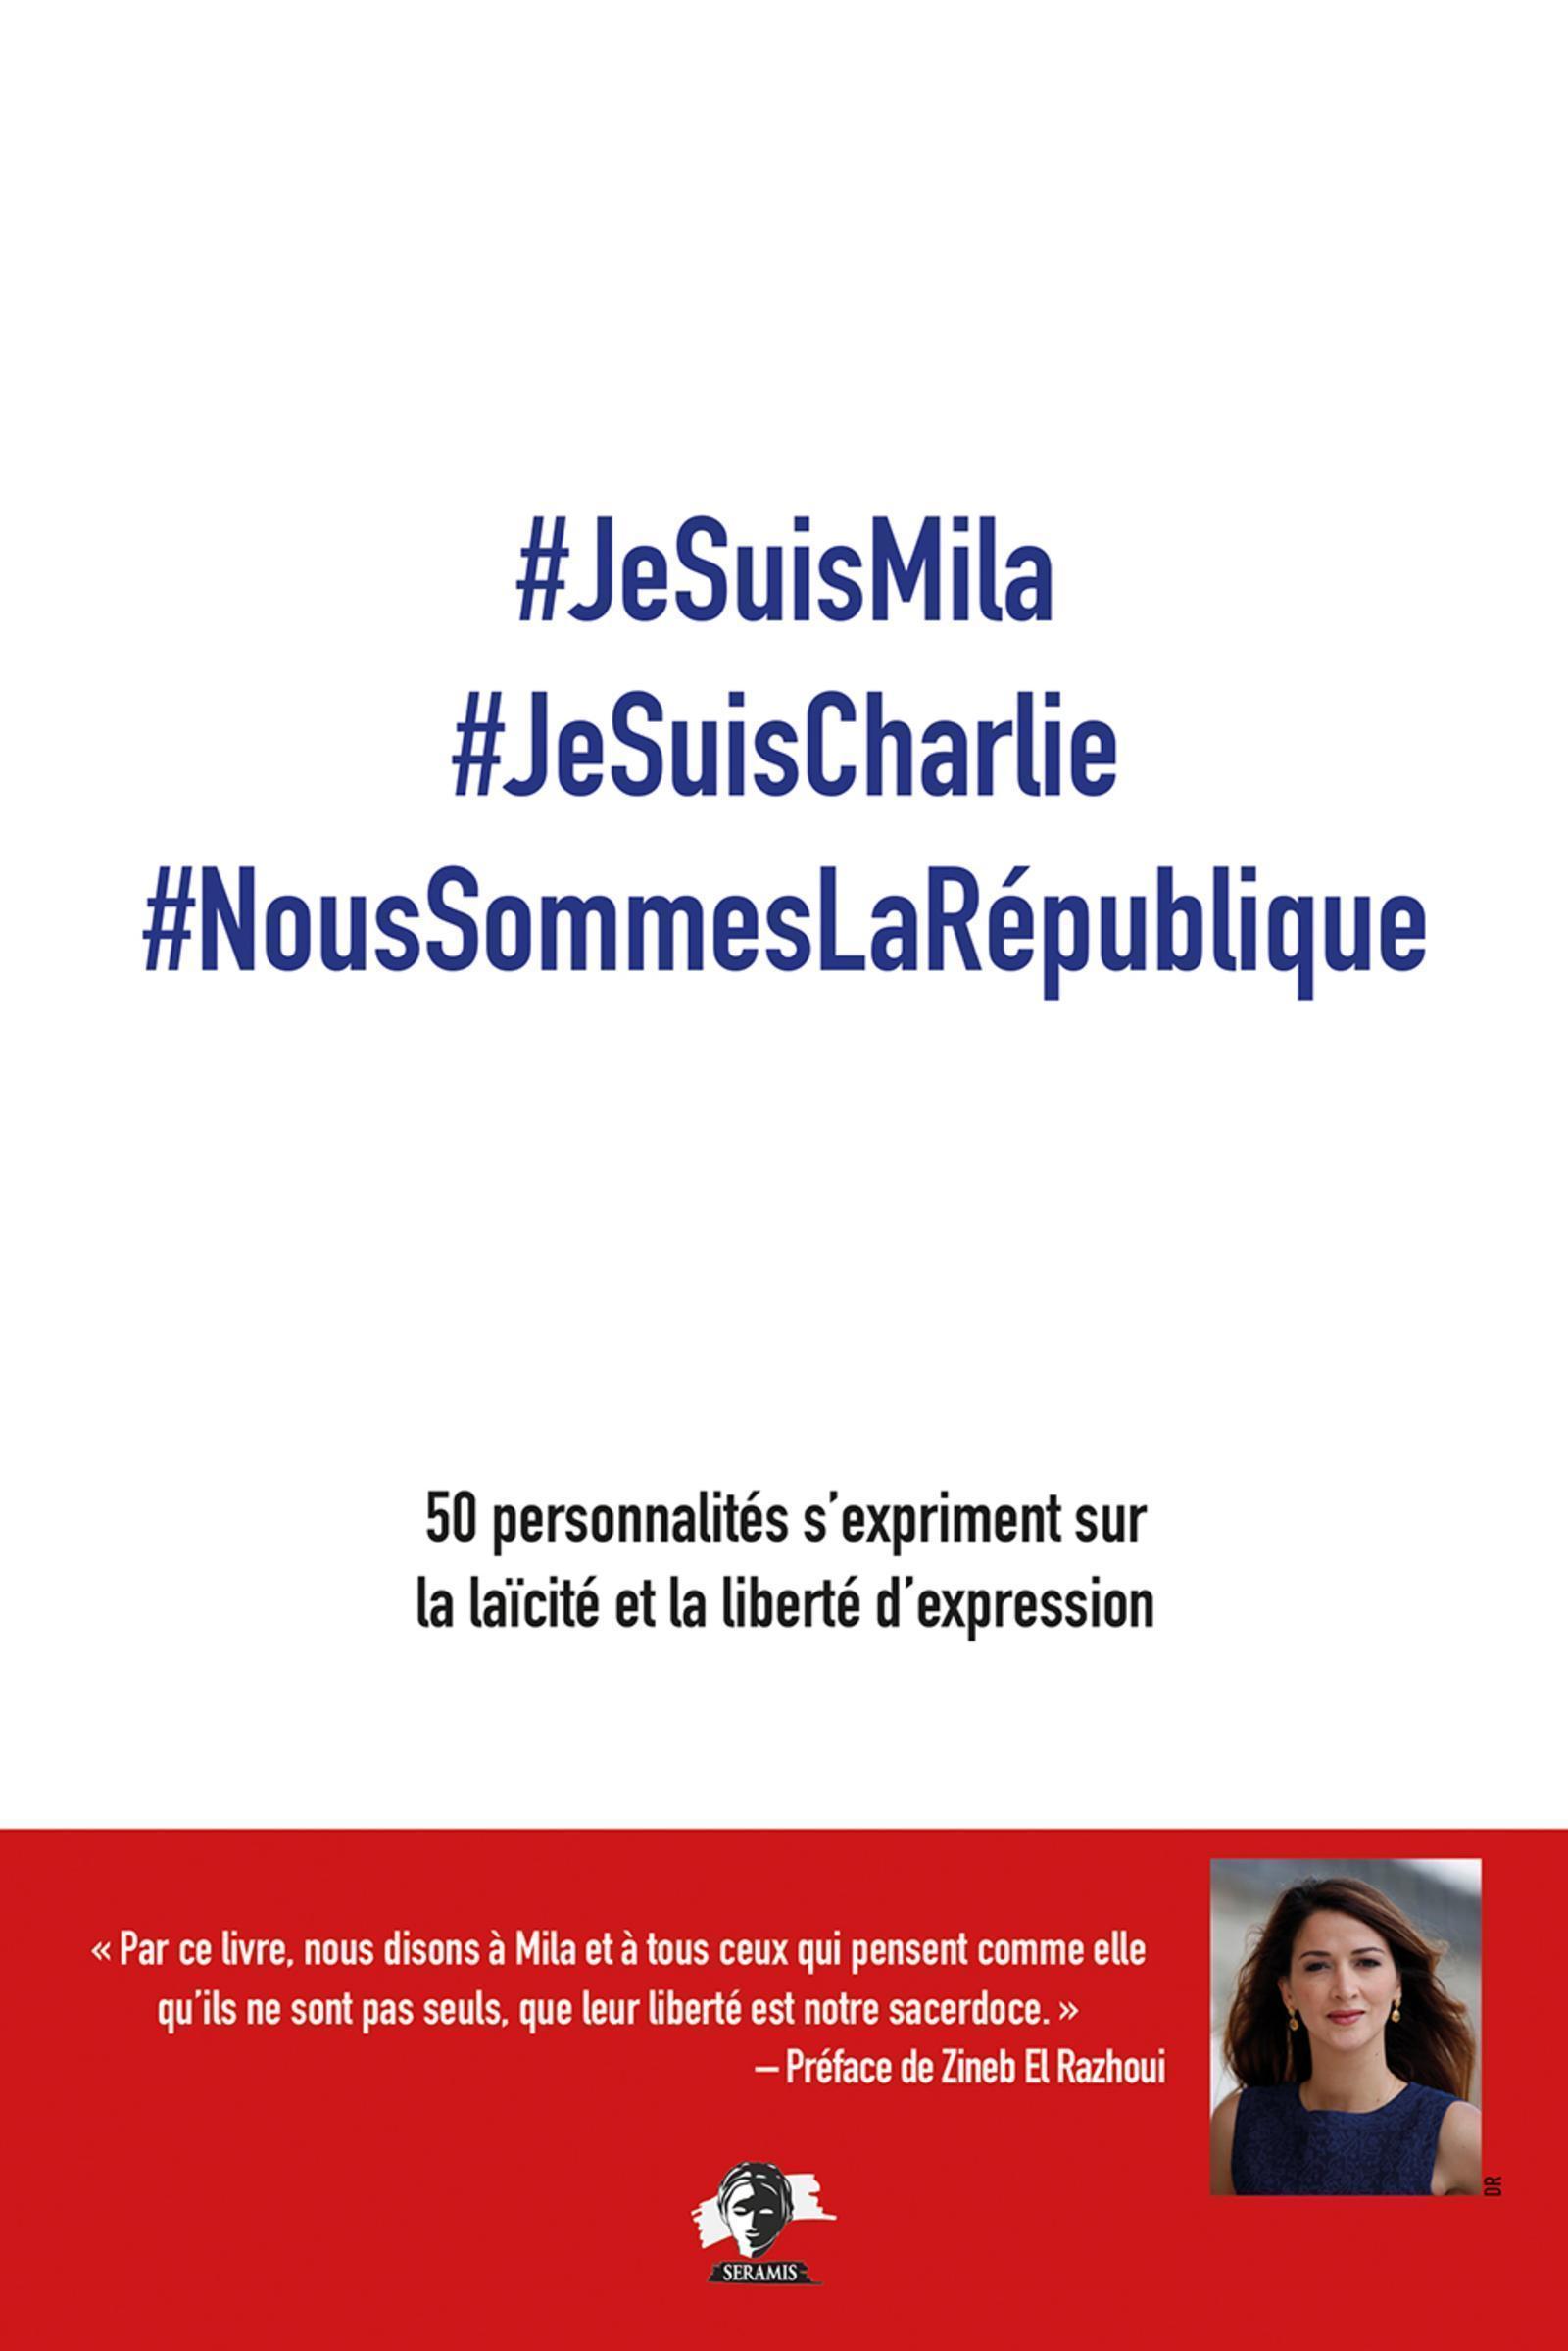 #JESUISMILA #JESUISCHARLIE #NOUSSOMMESLAREPUBLIQUE - 50 PERSONNALITES S'EXPRIMENT SUR LA LAI